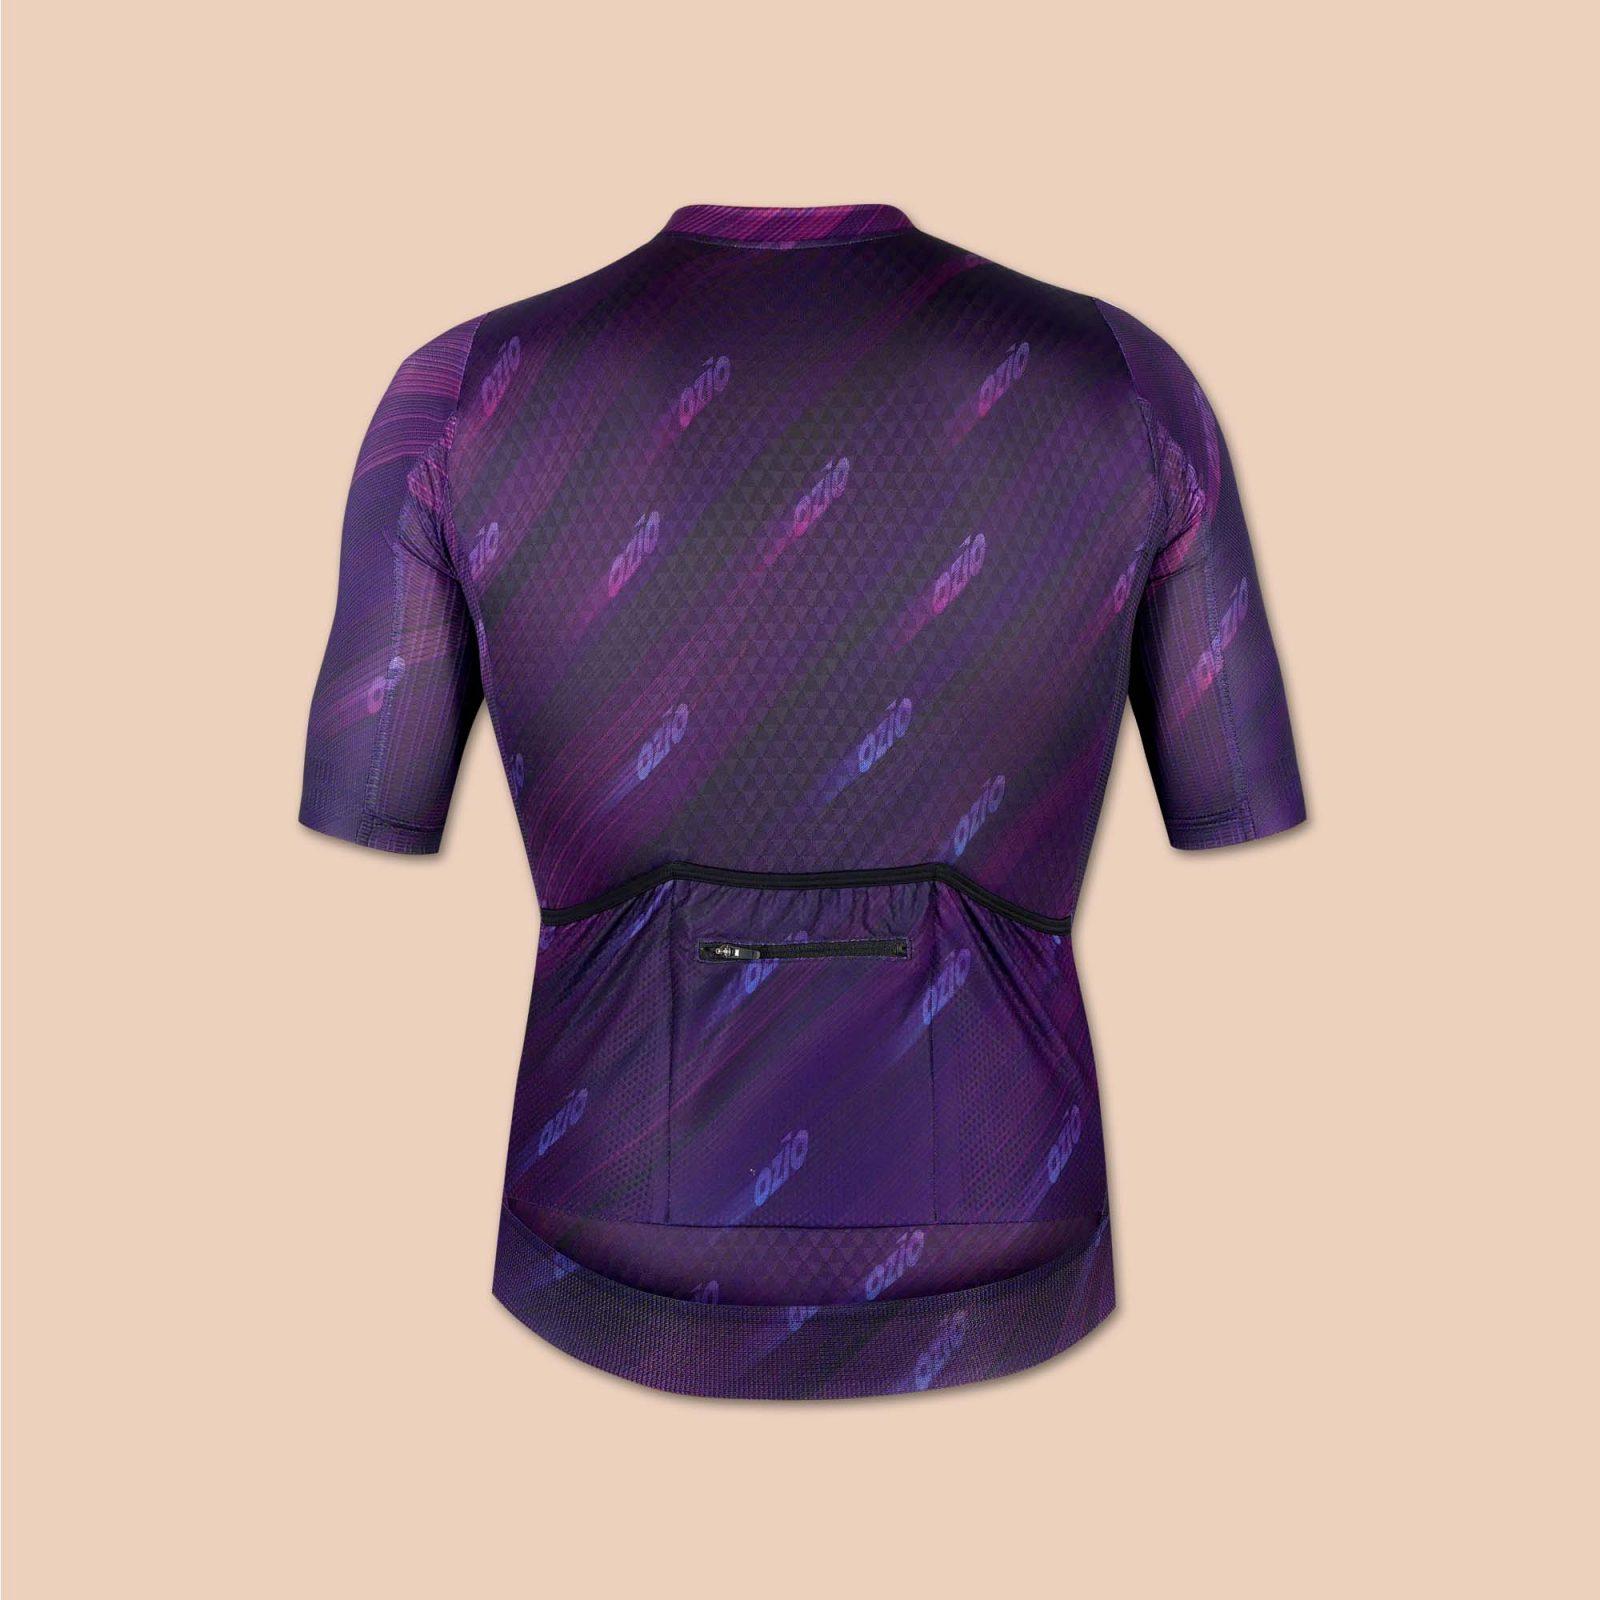 Maillot homme vélo violet arrière uni ozio